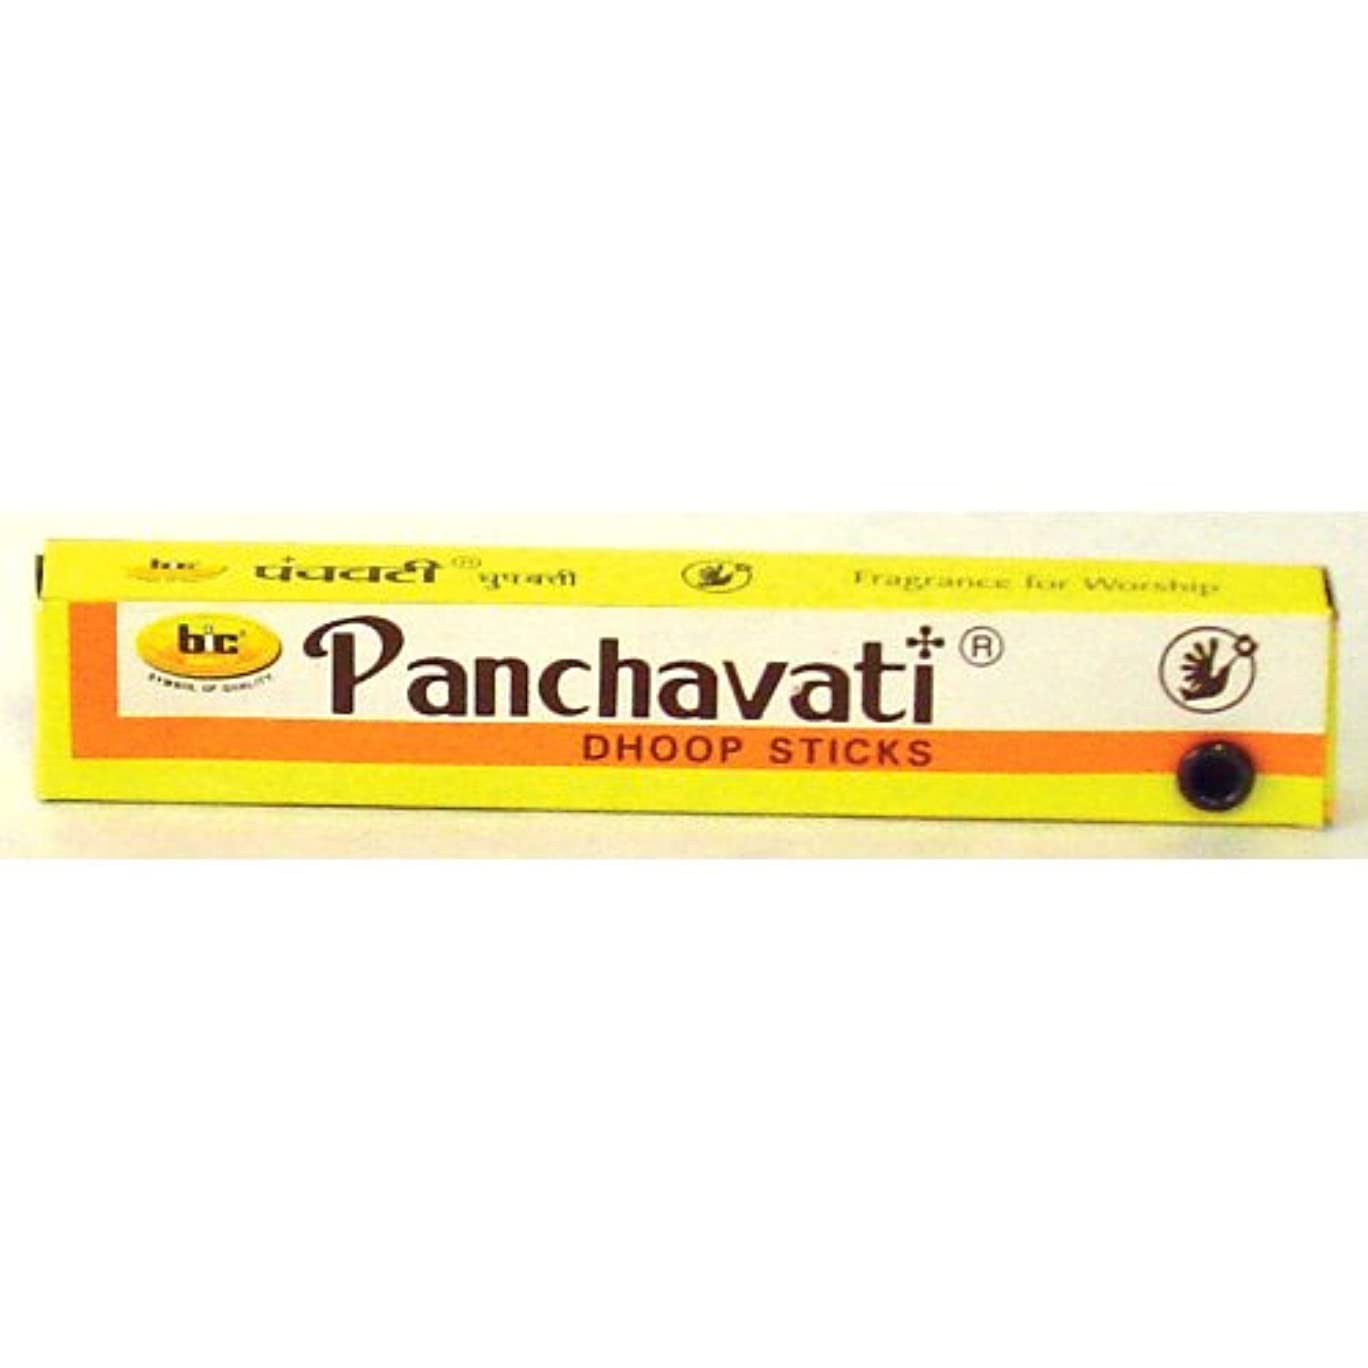 コロニアルシロクマそのPanchavati Dhoop Sticks - One Dozen Boxes - 5 King Size by Incense